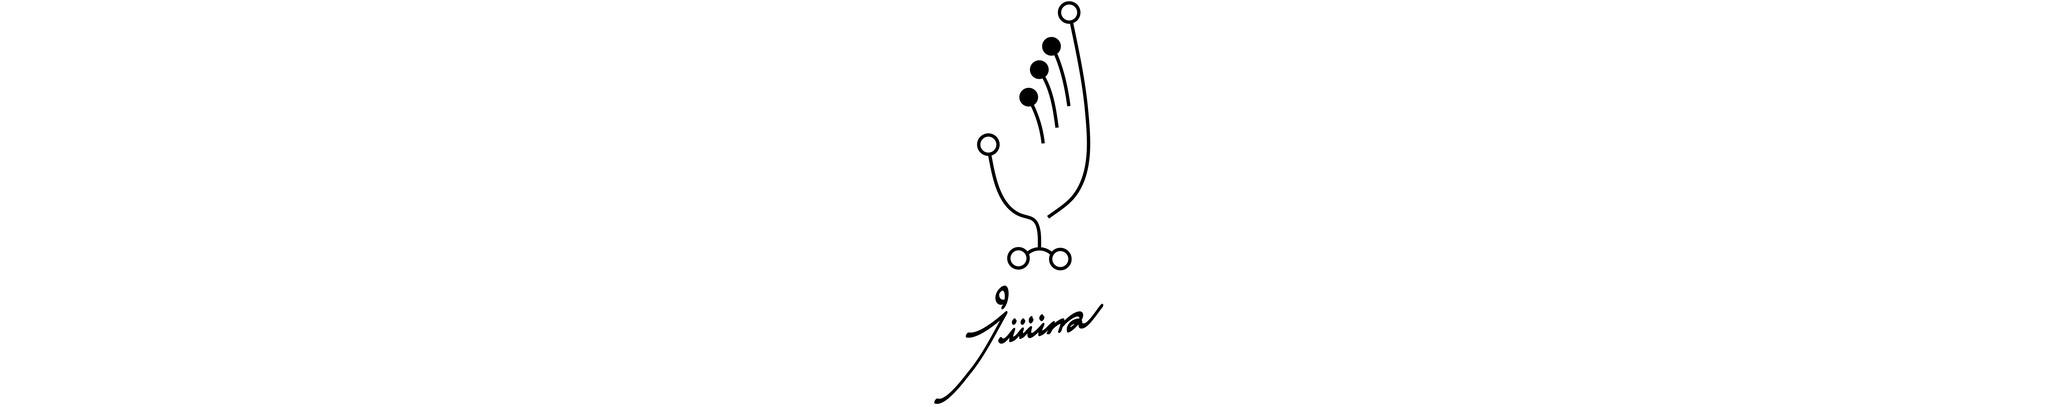 jiiiina